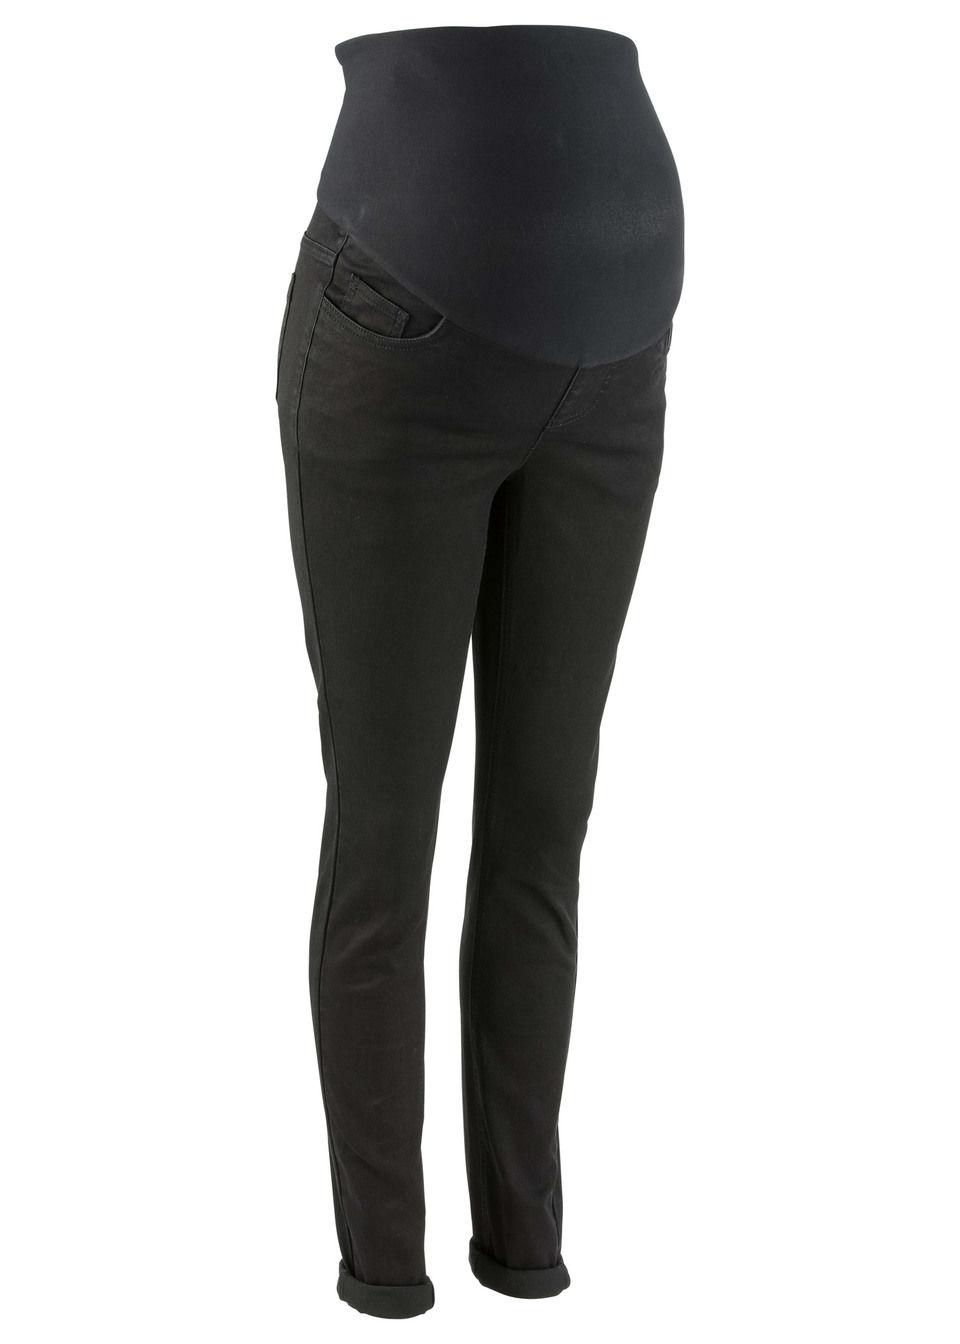 Купить Для будущих мам: джинсы суперстретч Skinny, bonprix, черный